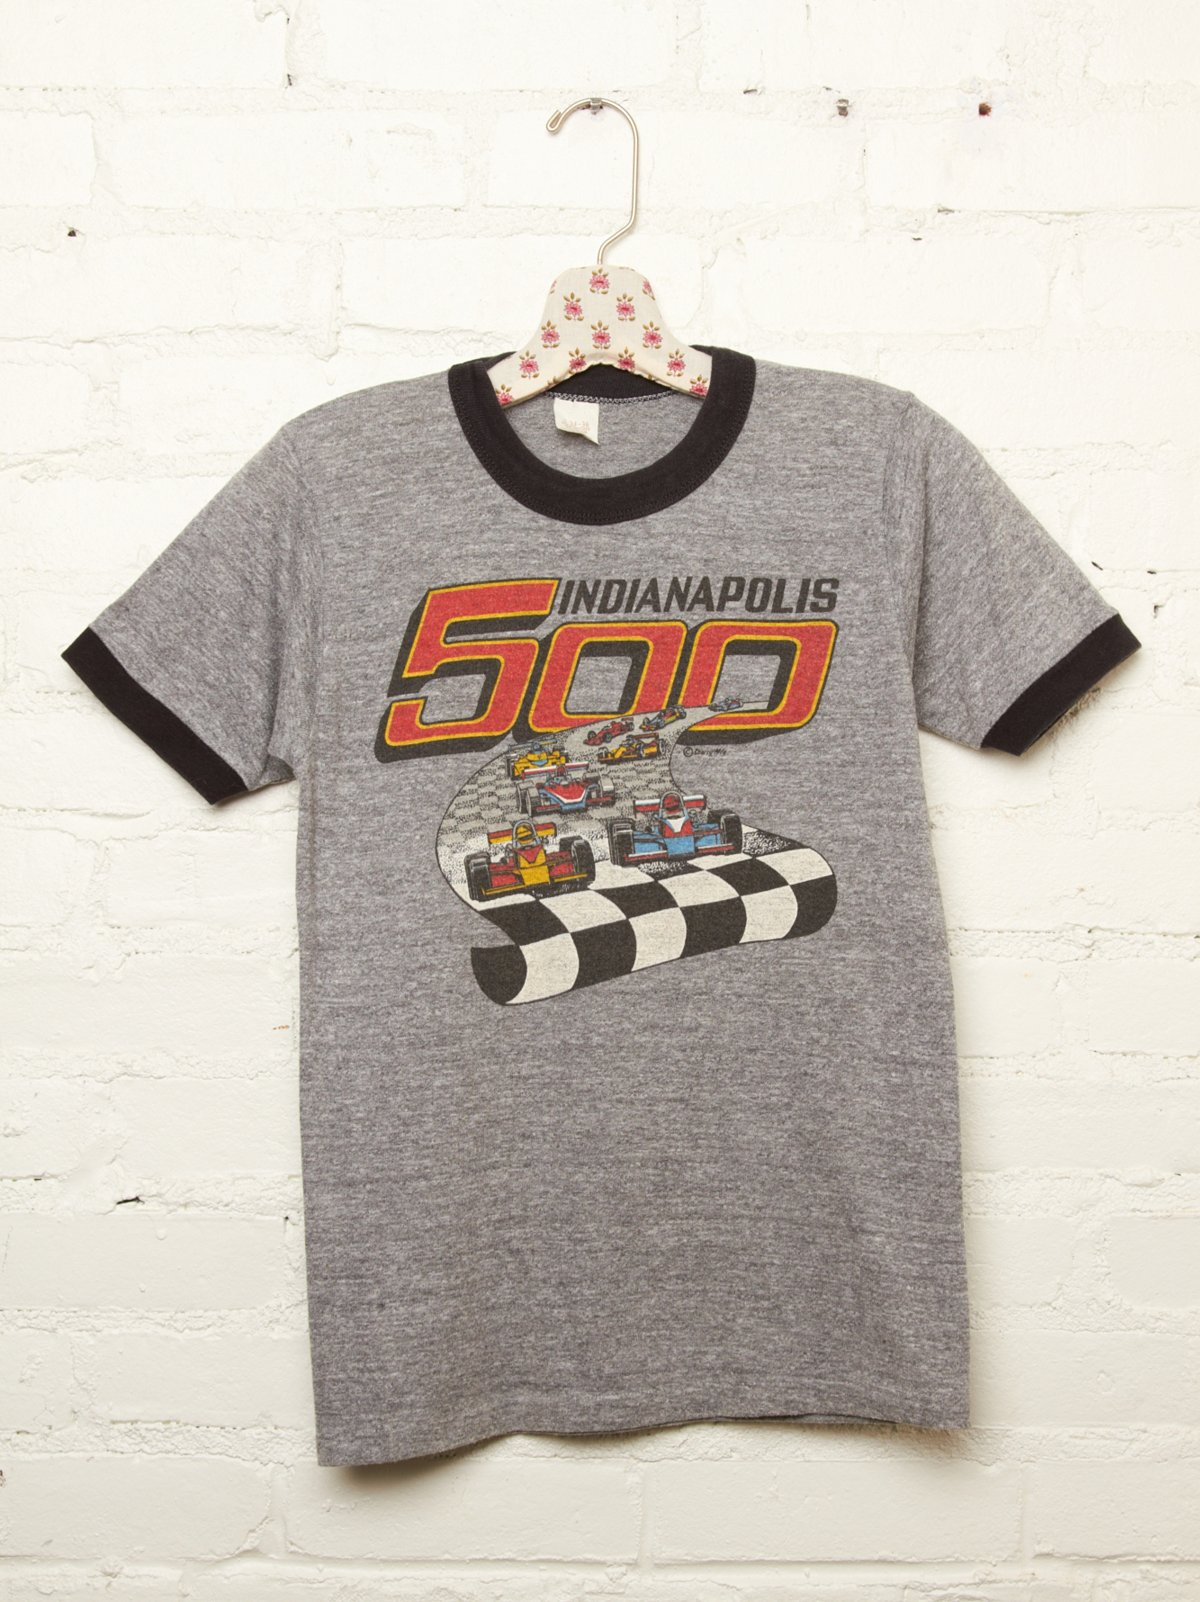 Vintage Indy 500 Vintage Tee